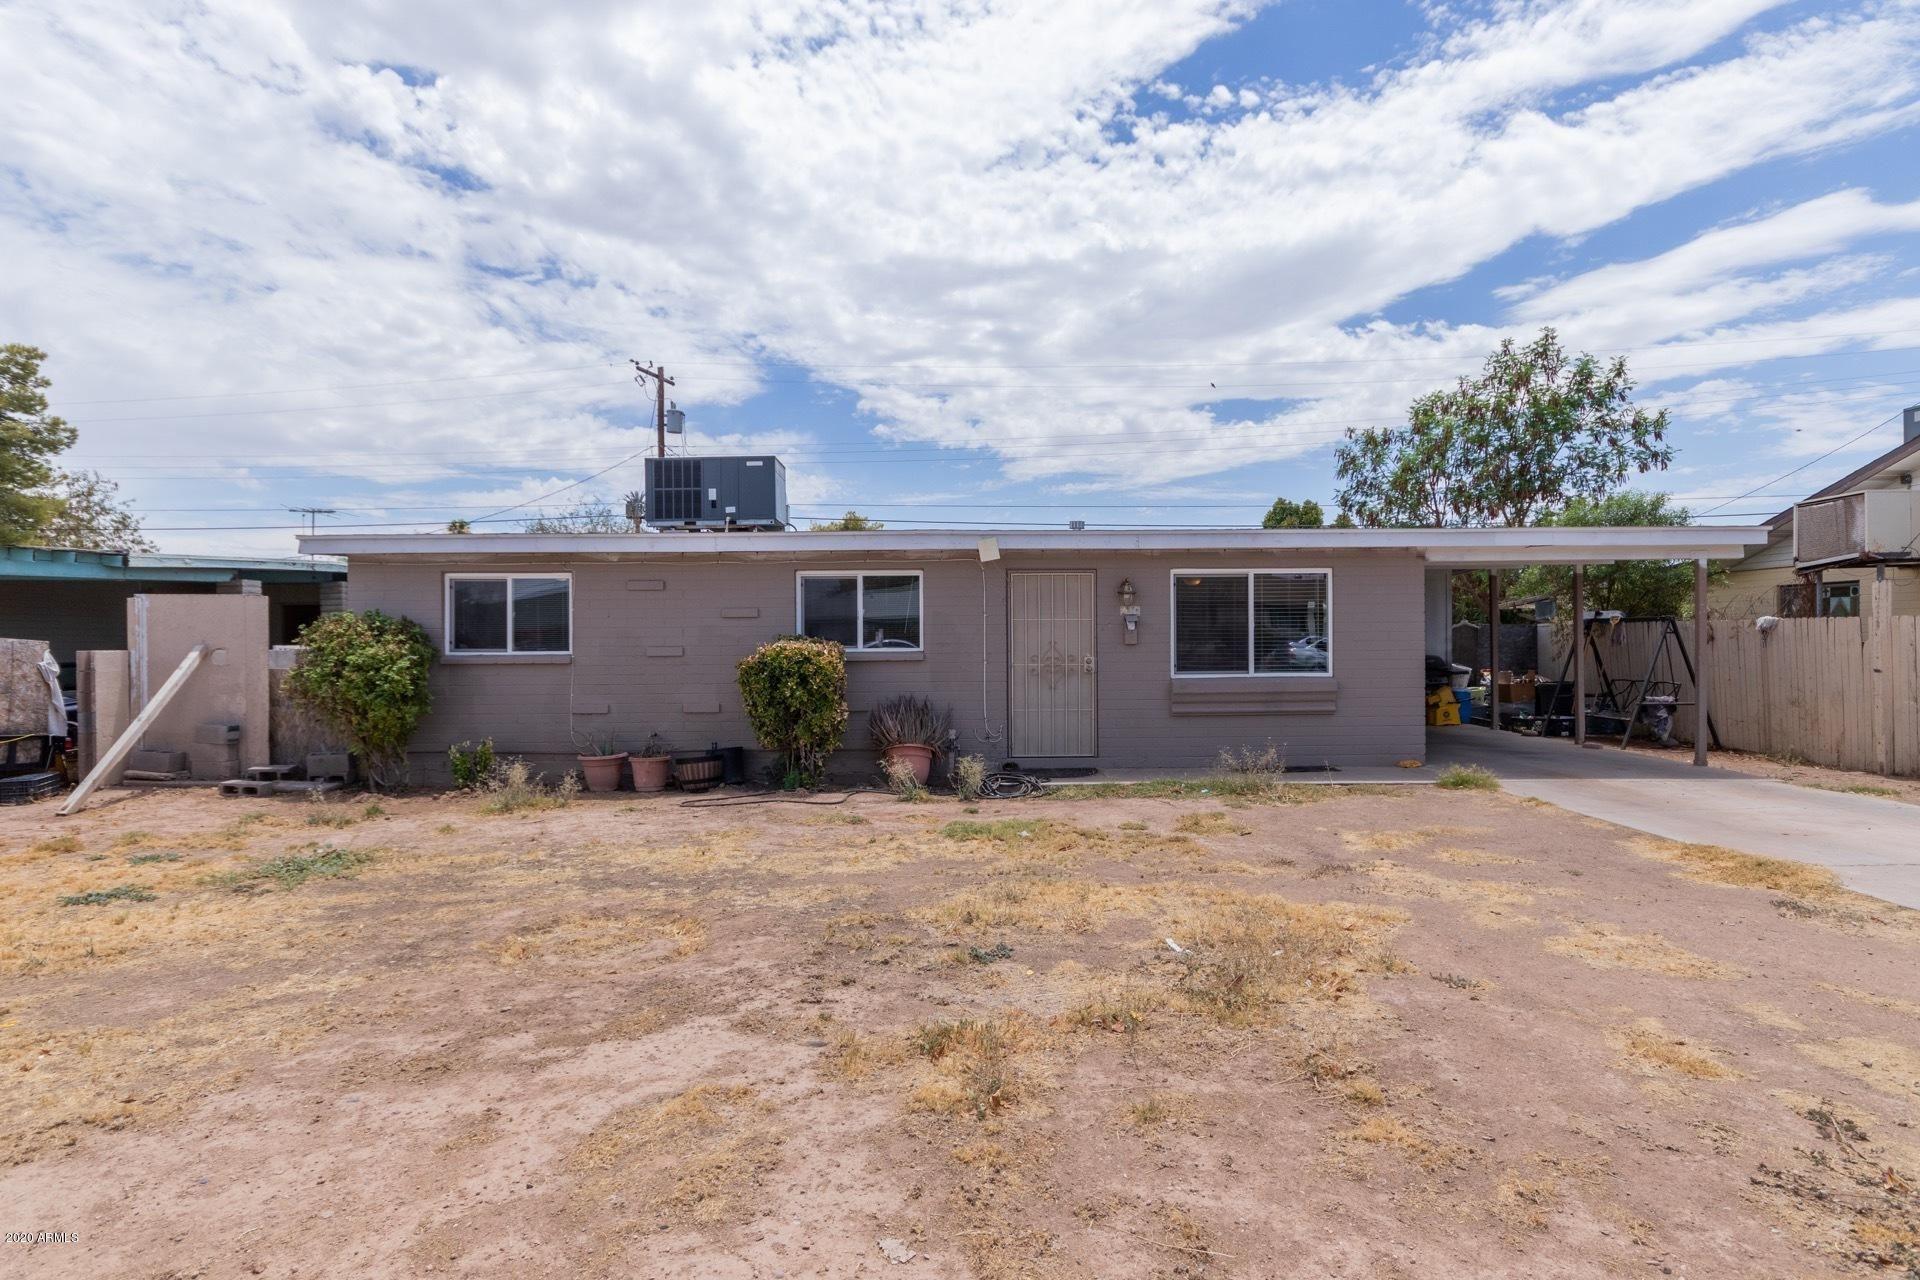 1627 W 6TH Drive, Mesa, AZ 85202 - MLS#: 6105261